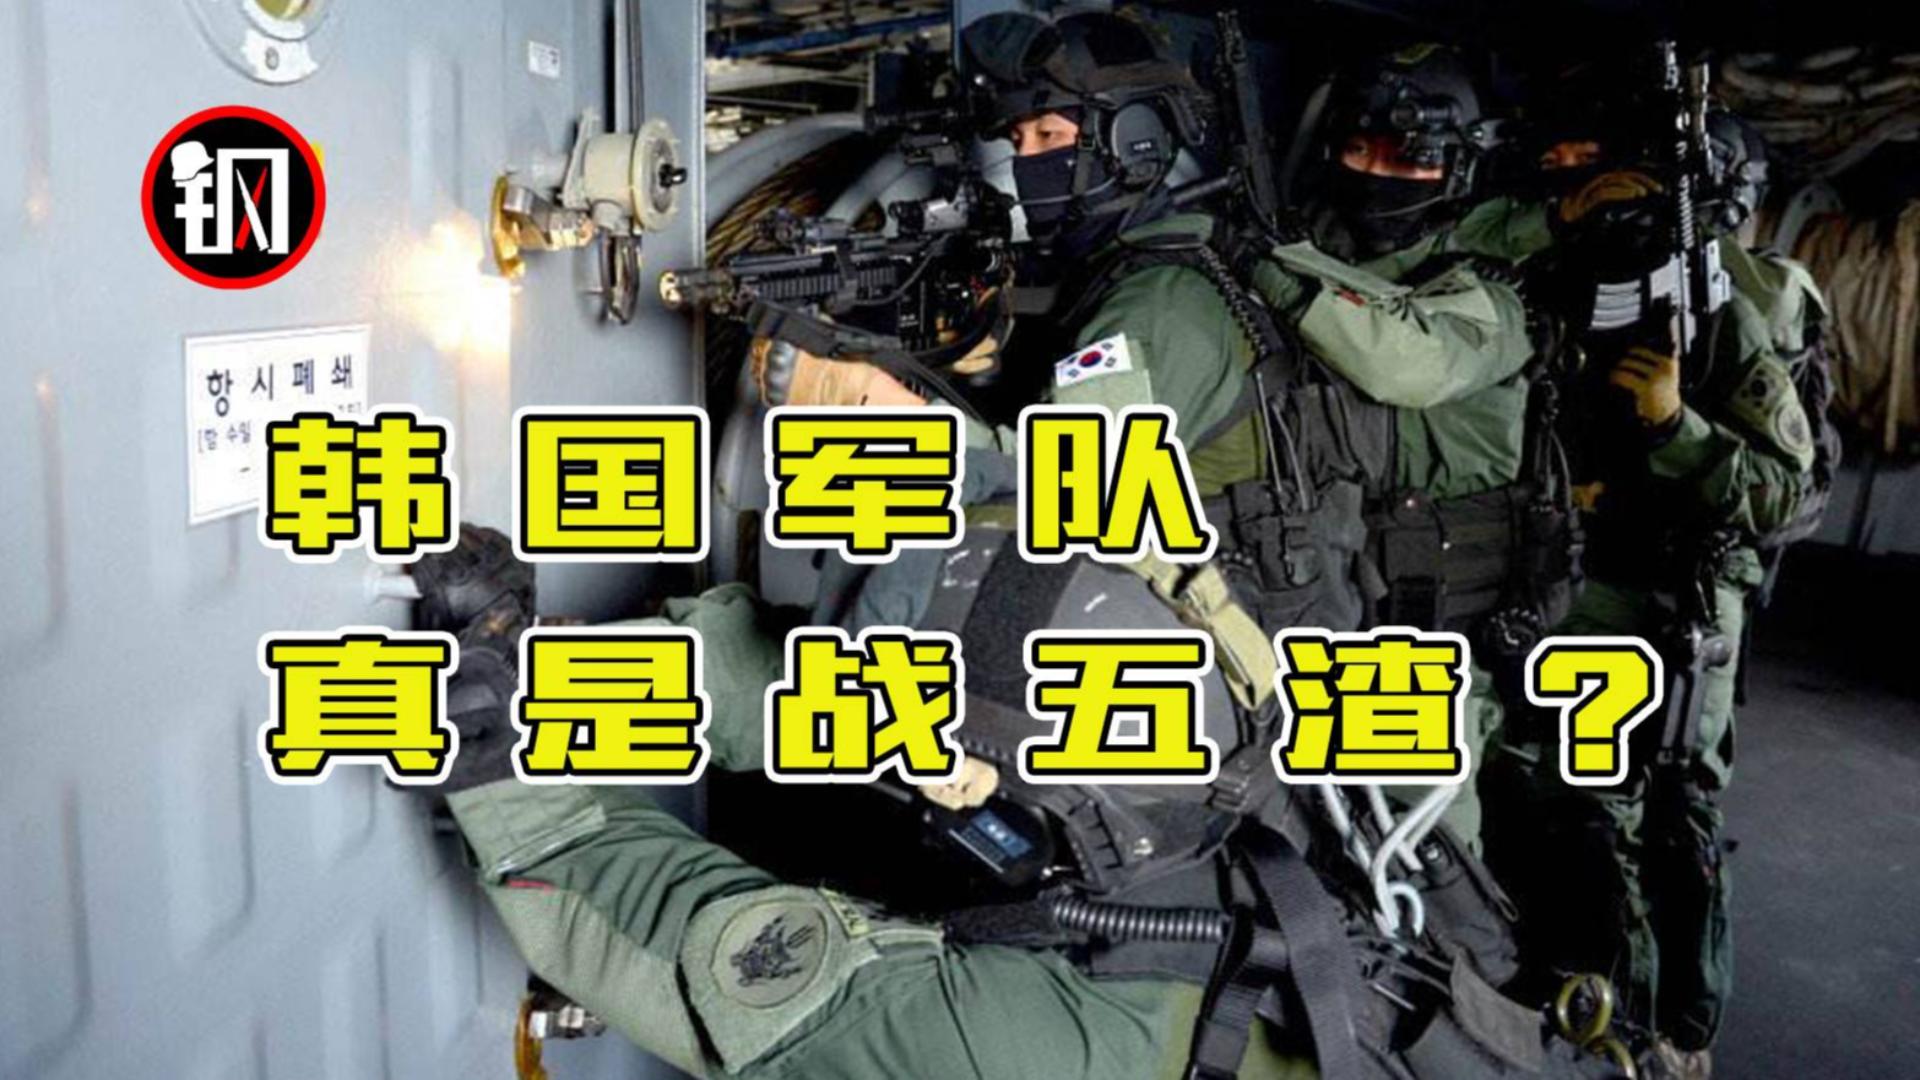 亚洲首个建立反恐部队!韩国特种部队这点真值得中国学习!